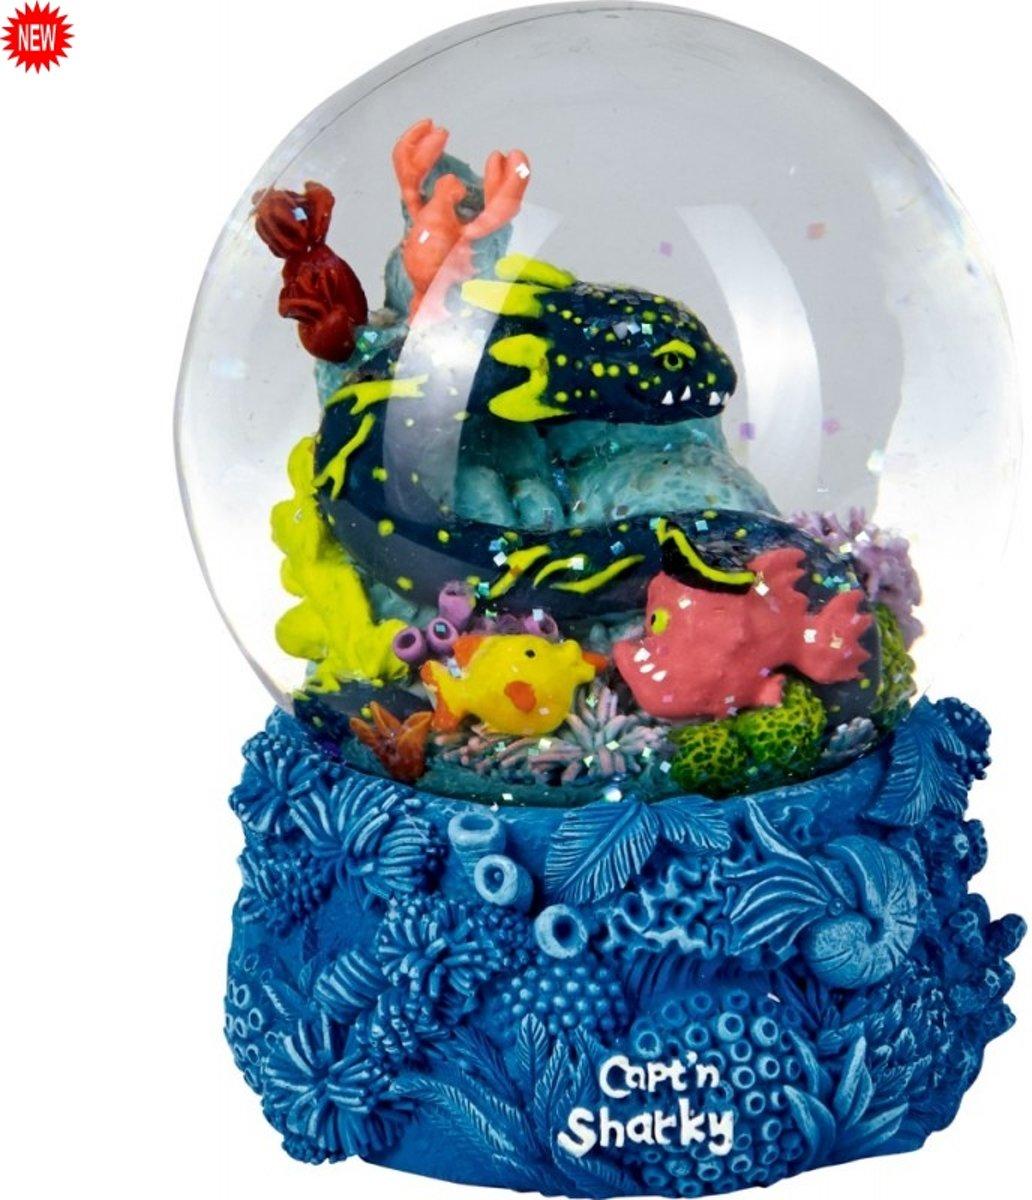 Magische lichtbol - Capt'n Sharky - Spiegelburg - Met lichteffecten in 6 kleuren kopen